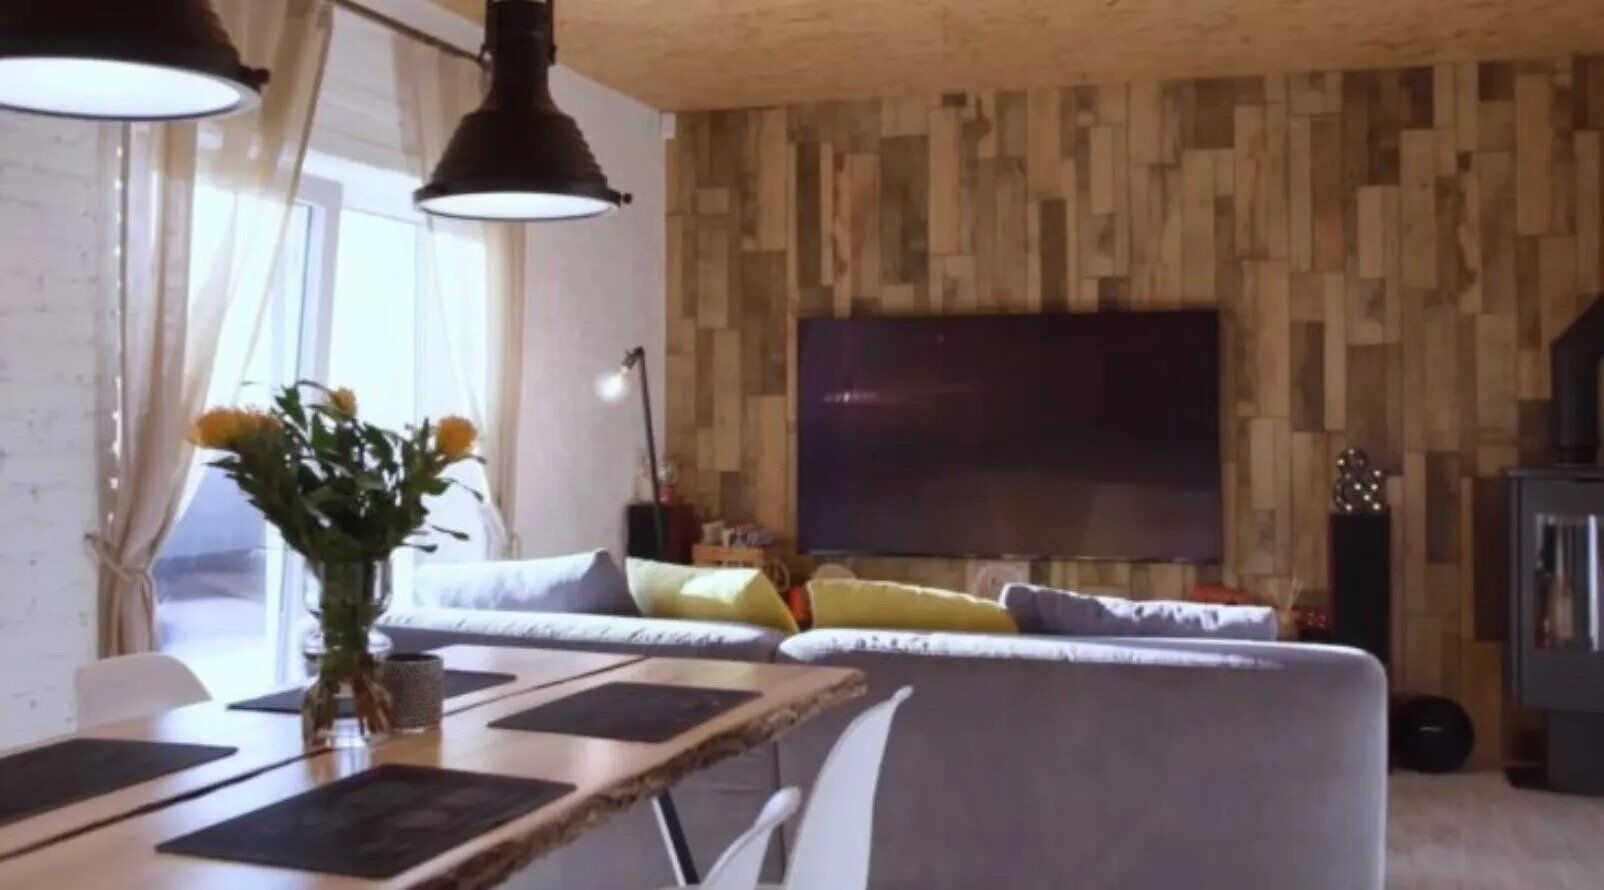 Квартиры на Крещатике и под Нацбанком: где живут и сколько зарабатывают Кароль, Данилко и другие звезды